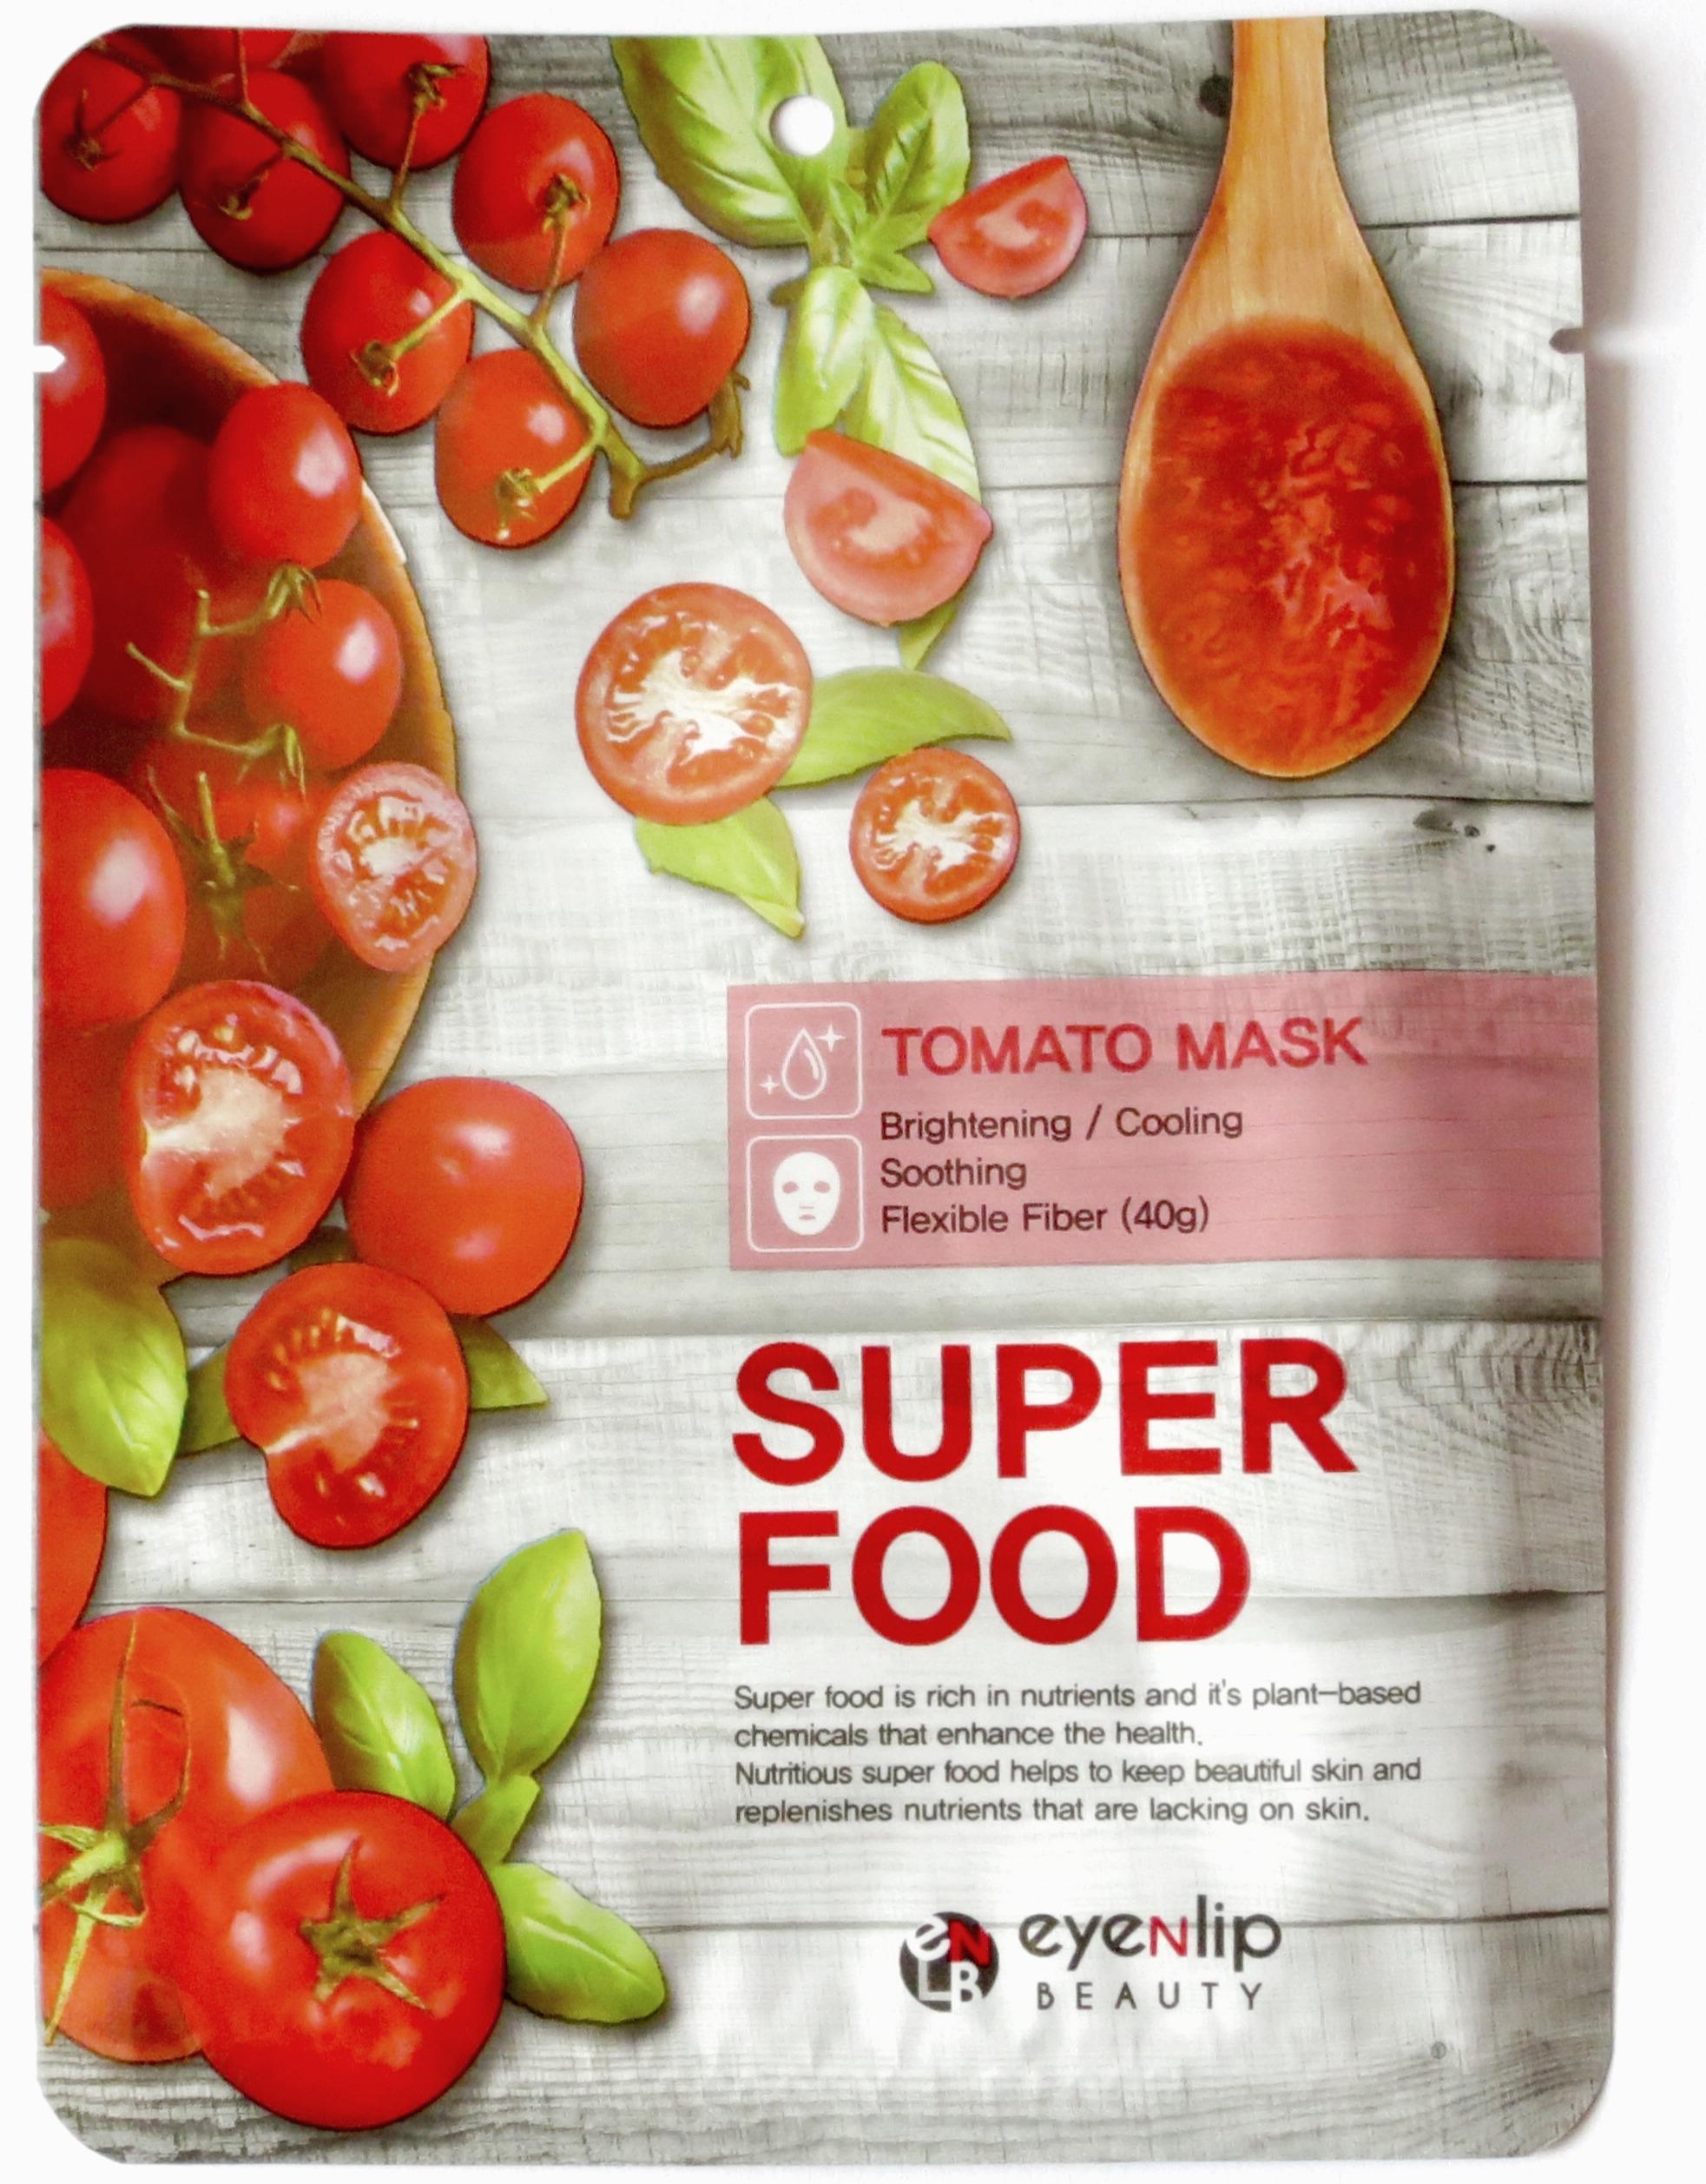 EyeNlip Super Food Mask Tomat